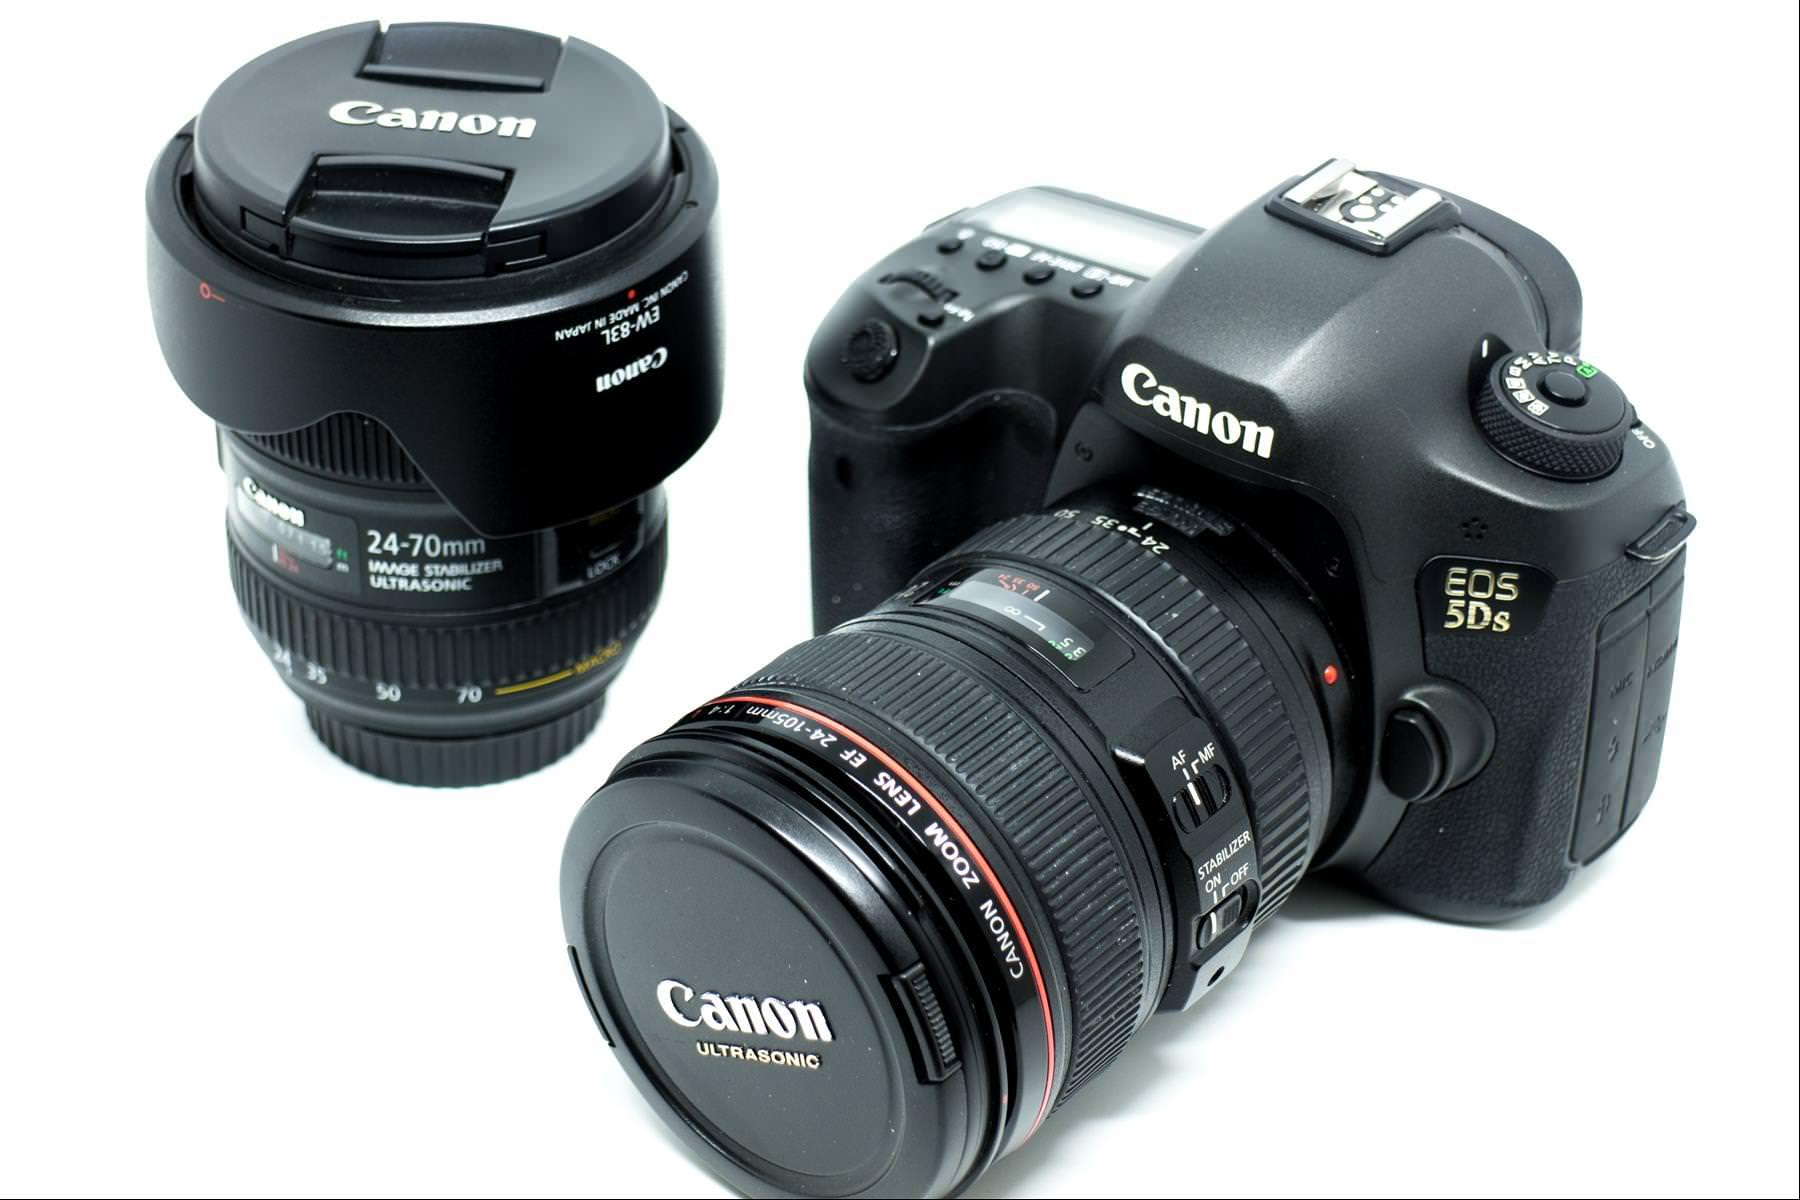 旅行要帶什麼相機